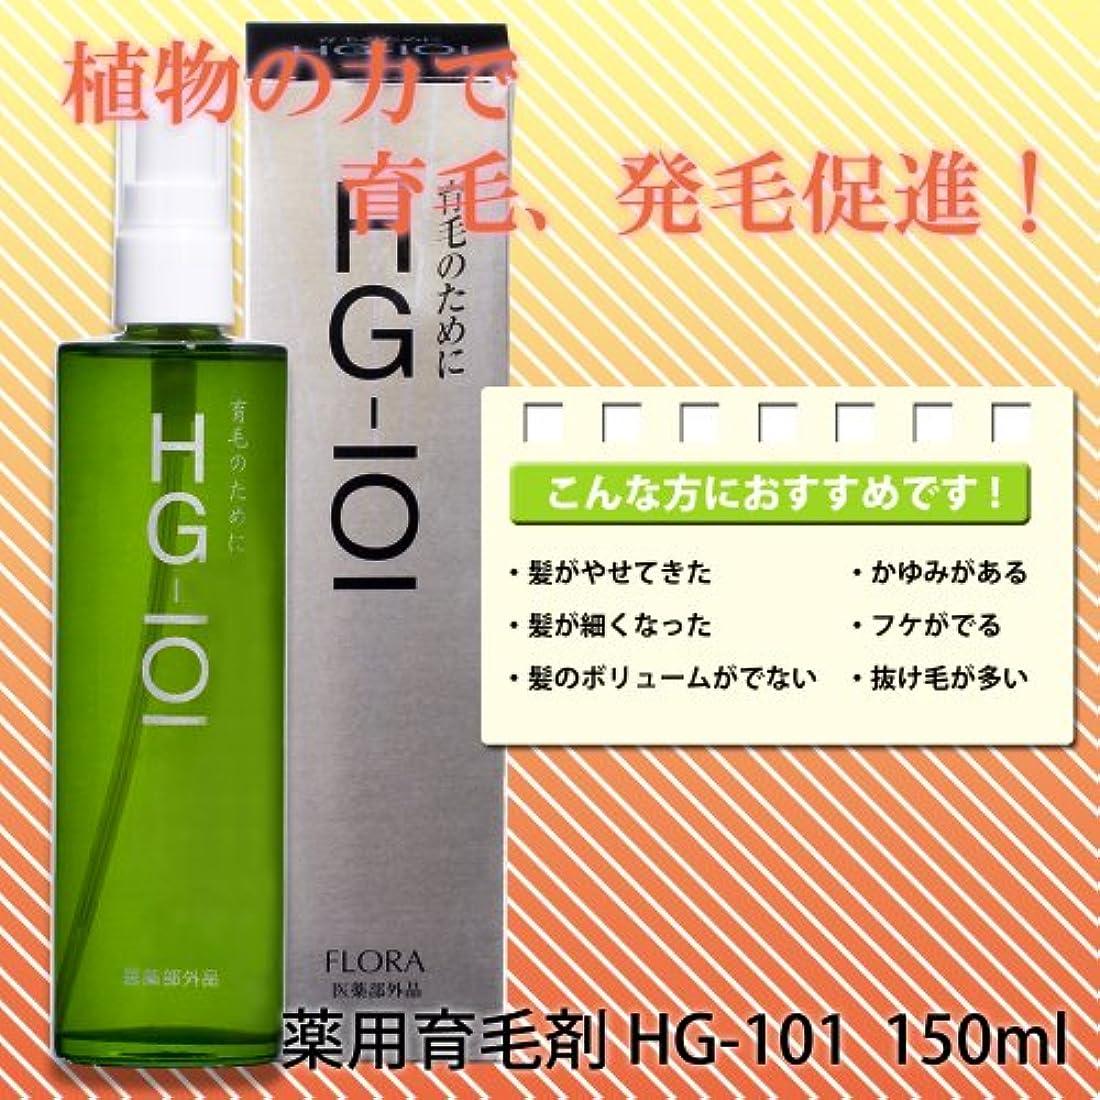 胚芽ファン有力者薬用育毛剤HG-101 150ml